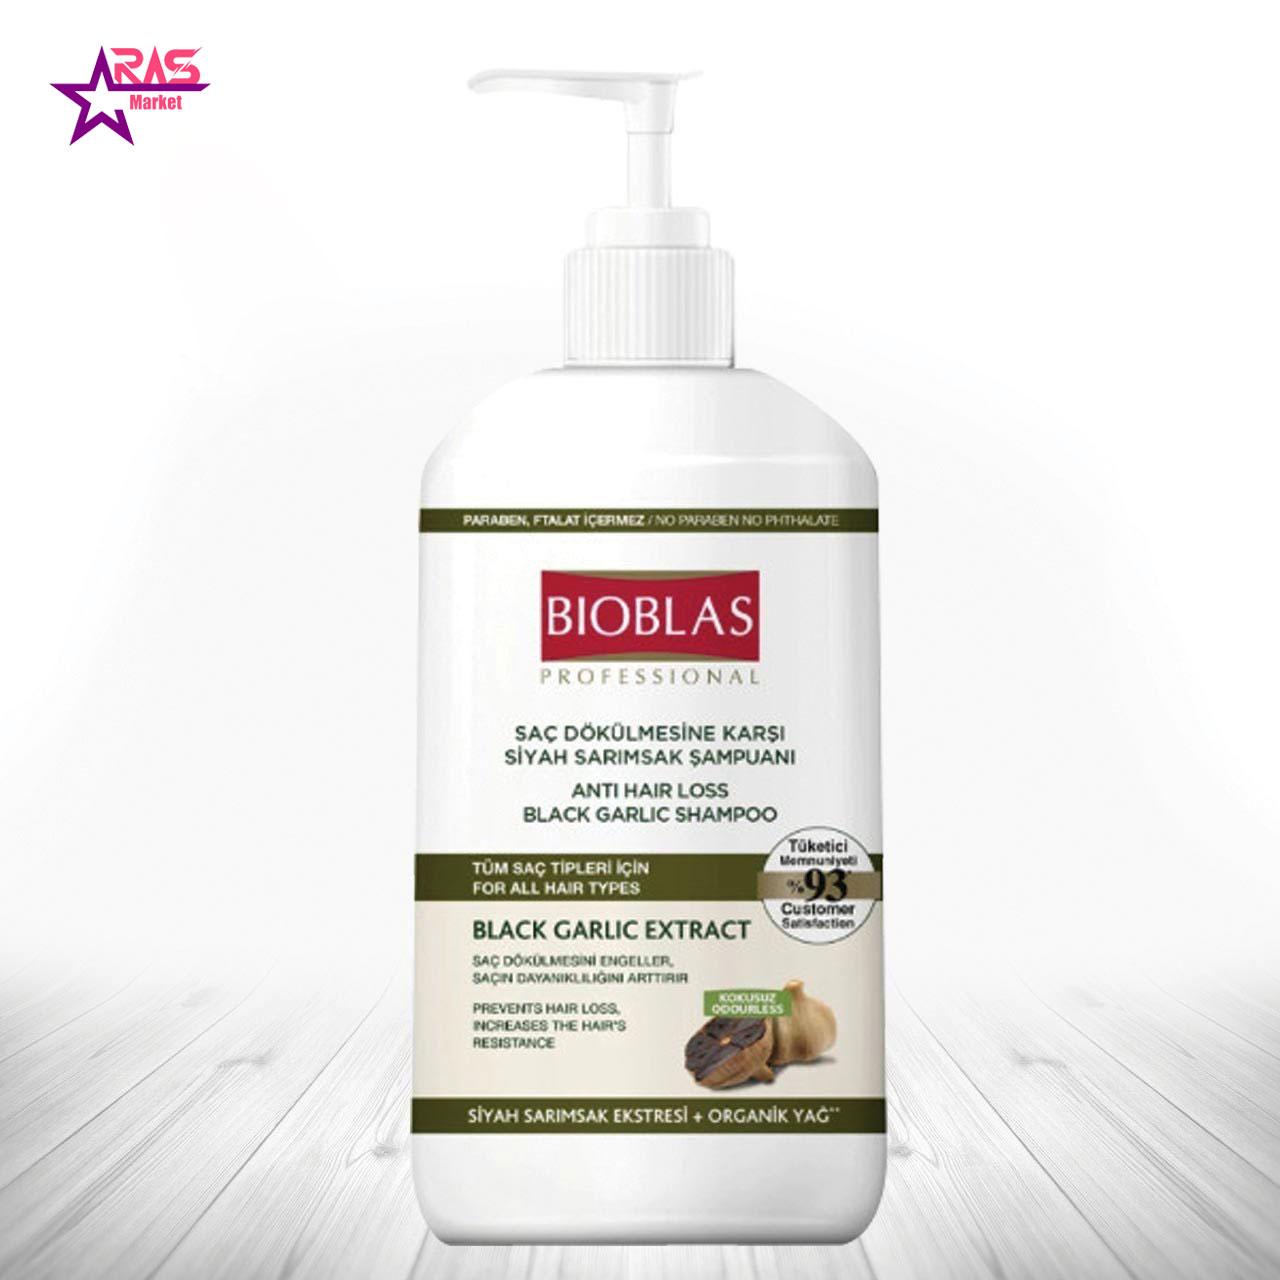 شامپو بیوبلاس ضد ریزش مو مدل black garlic extract مناسب انواع مو 1000 میلی لیتر ، فروشگاه اینترنتی ارس مارکت ، استحمام